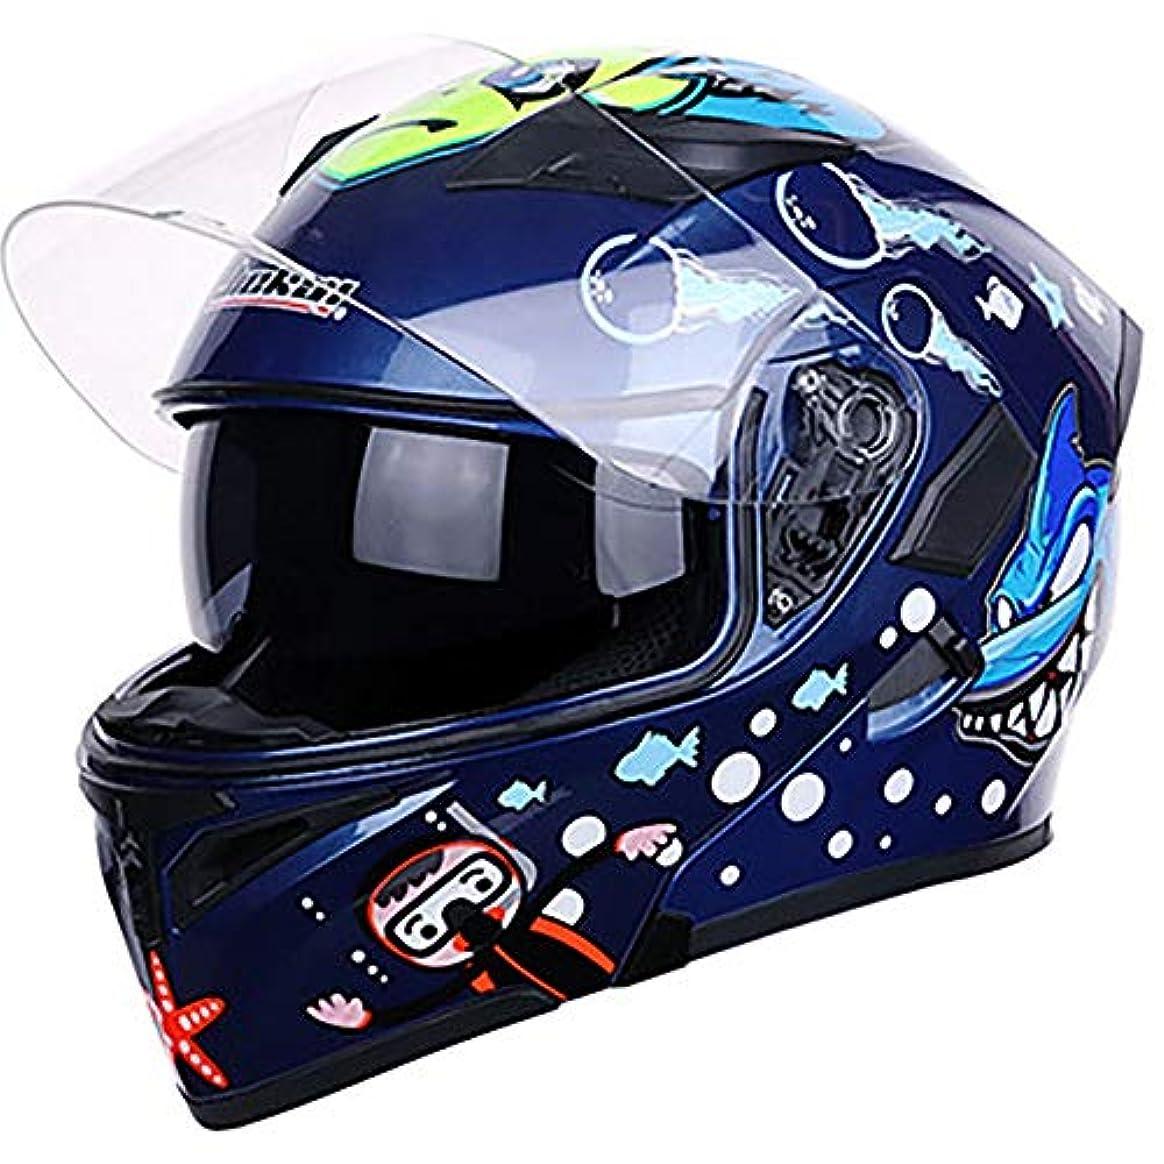 期待透けて見える禁止するETH ブルーシャーククロスカントリーマウンテンフルフェイスオートバイヘルメットクラシックバイクレーシングヘルメットモトクロスダウンヒルバイクヘルメット 保護 (Size : M)